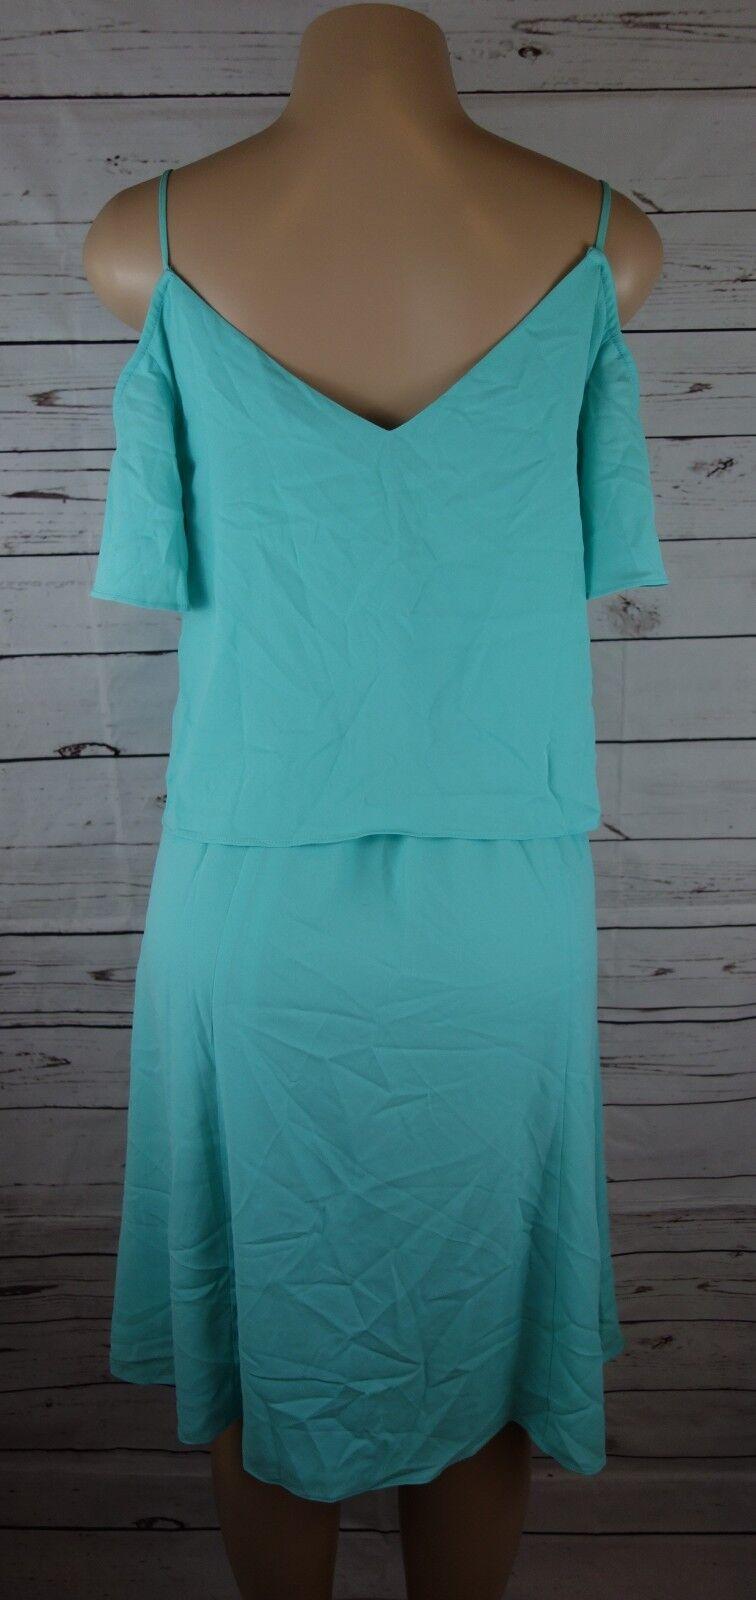 NEW Cooper and Ella Women's Selin Cold Shoulder Shoulder Shoulder Dress Sea Foam bluee Med  198.00 3525b0